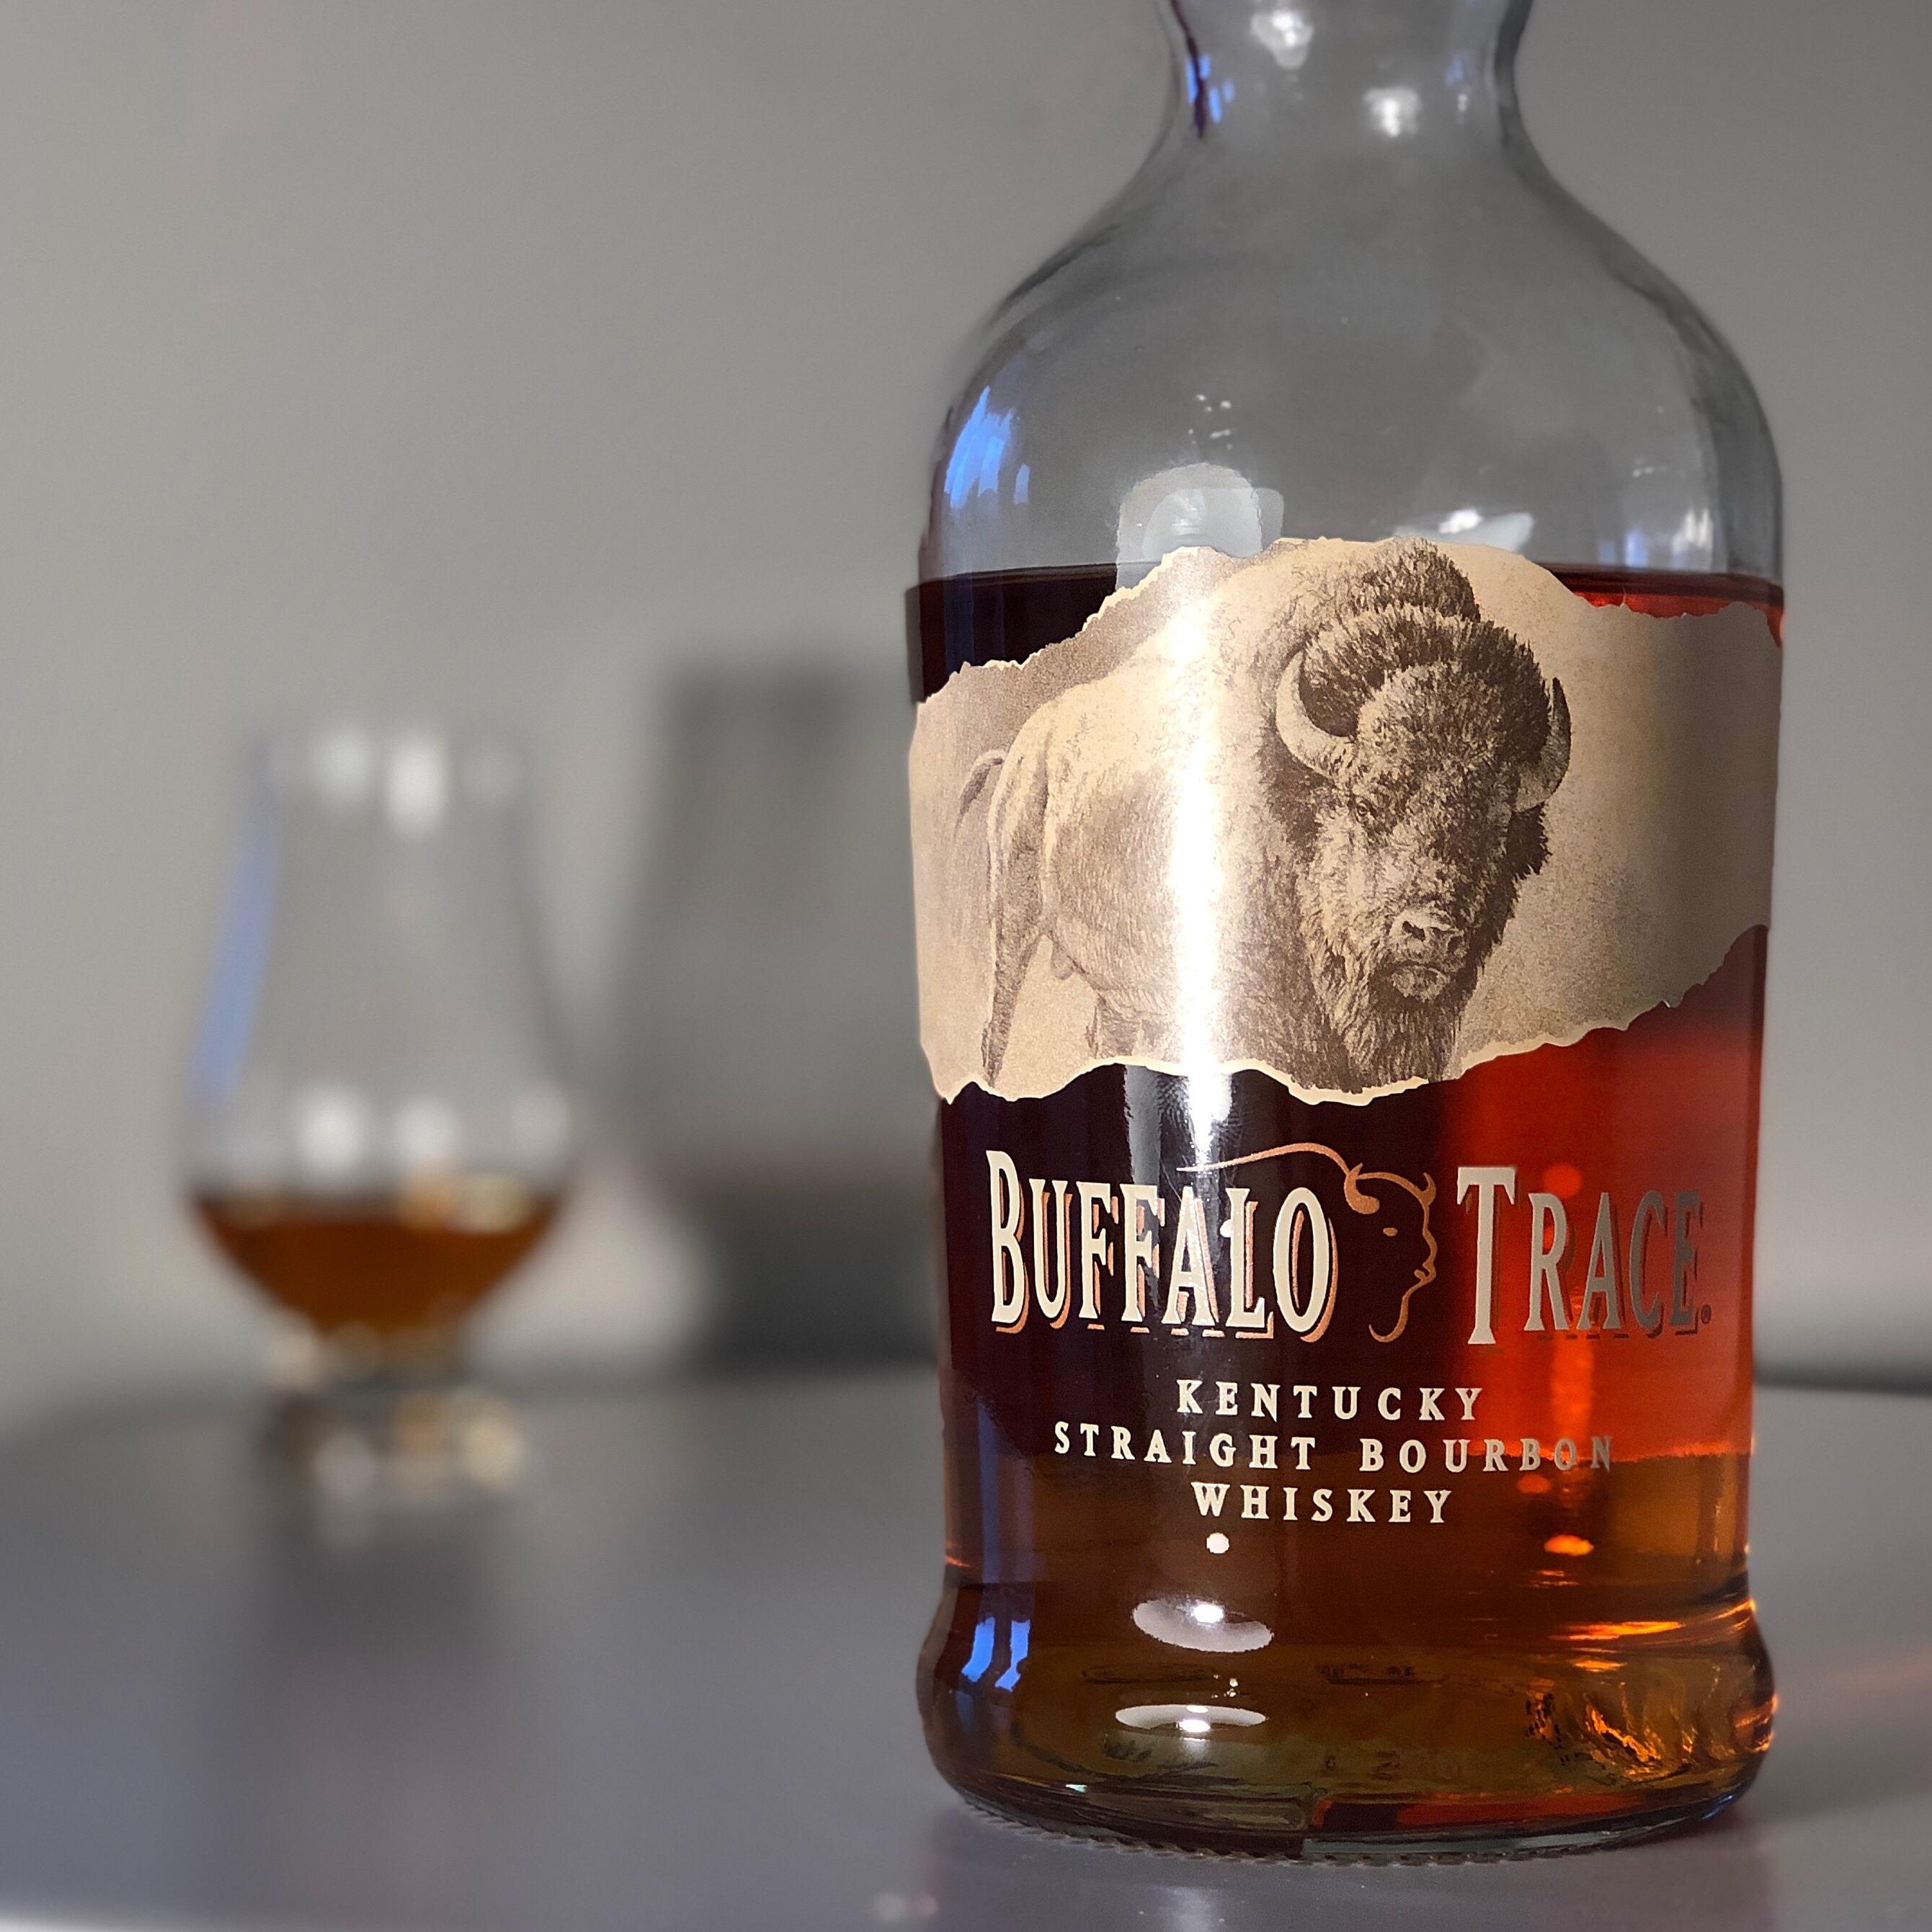 Buffalo Trace Kentucky Straight Bourbon Whiskey – Whisky Reviews